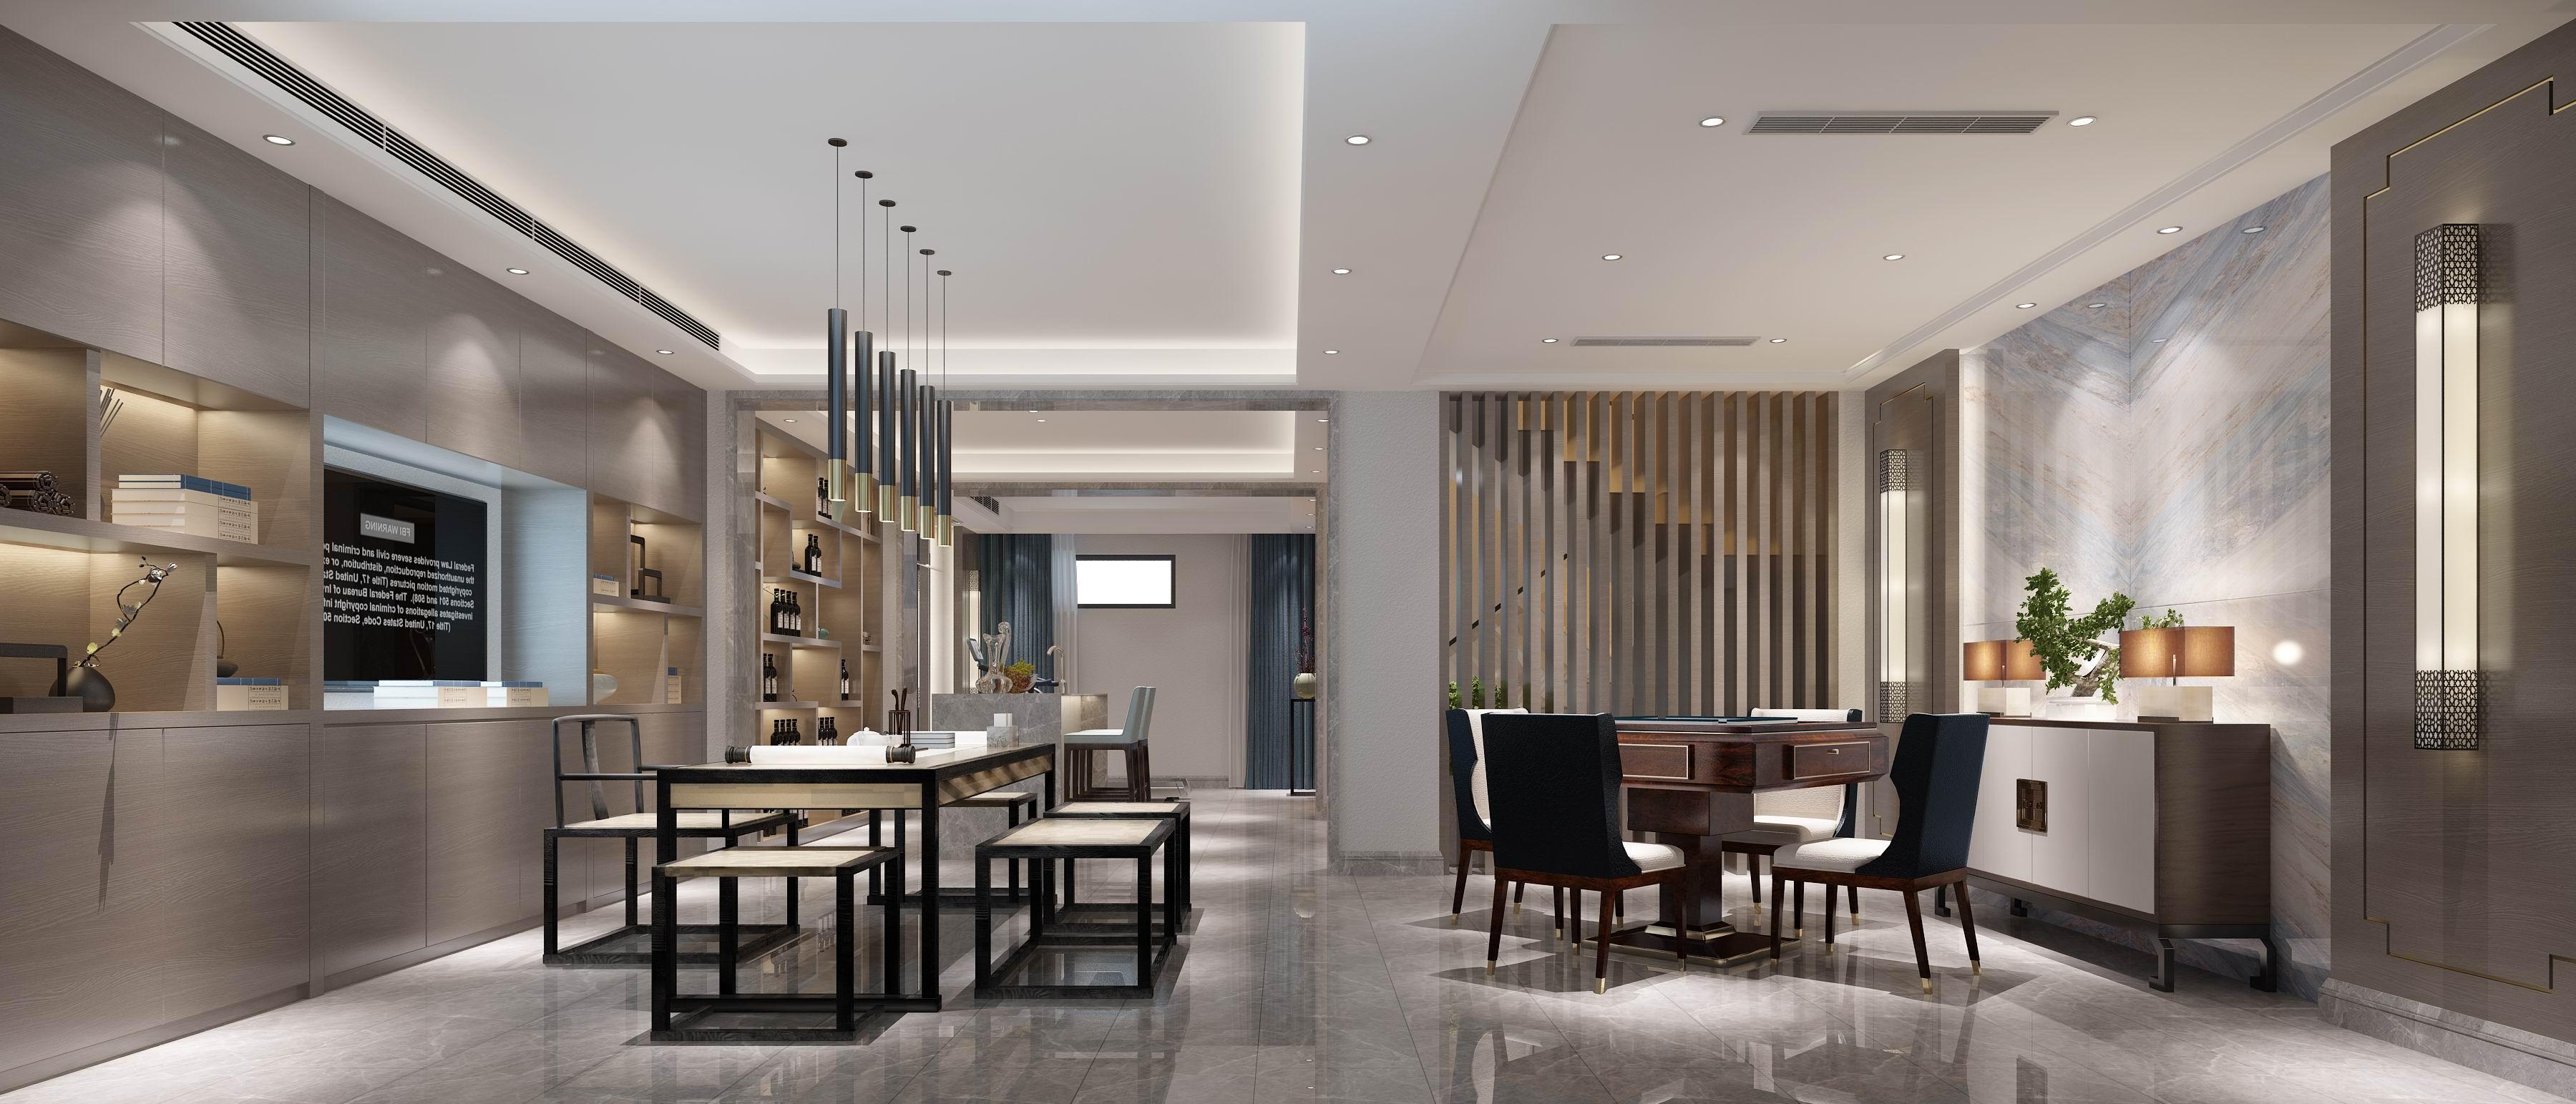 别墅 设计 装修 案例 现代中式 茶室&棋牌图片来自无锡别墅设计s在中建城中墅310㎡现代中式风格的分享